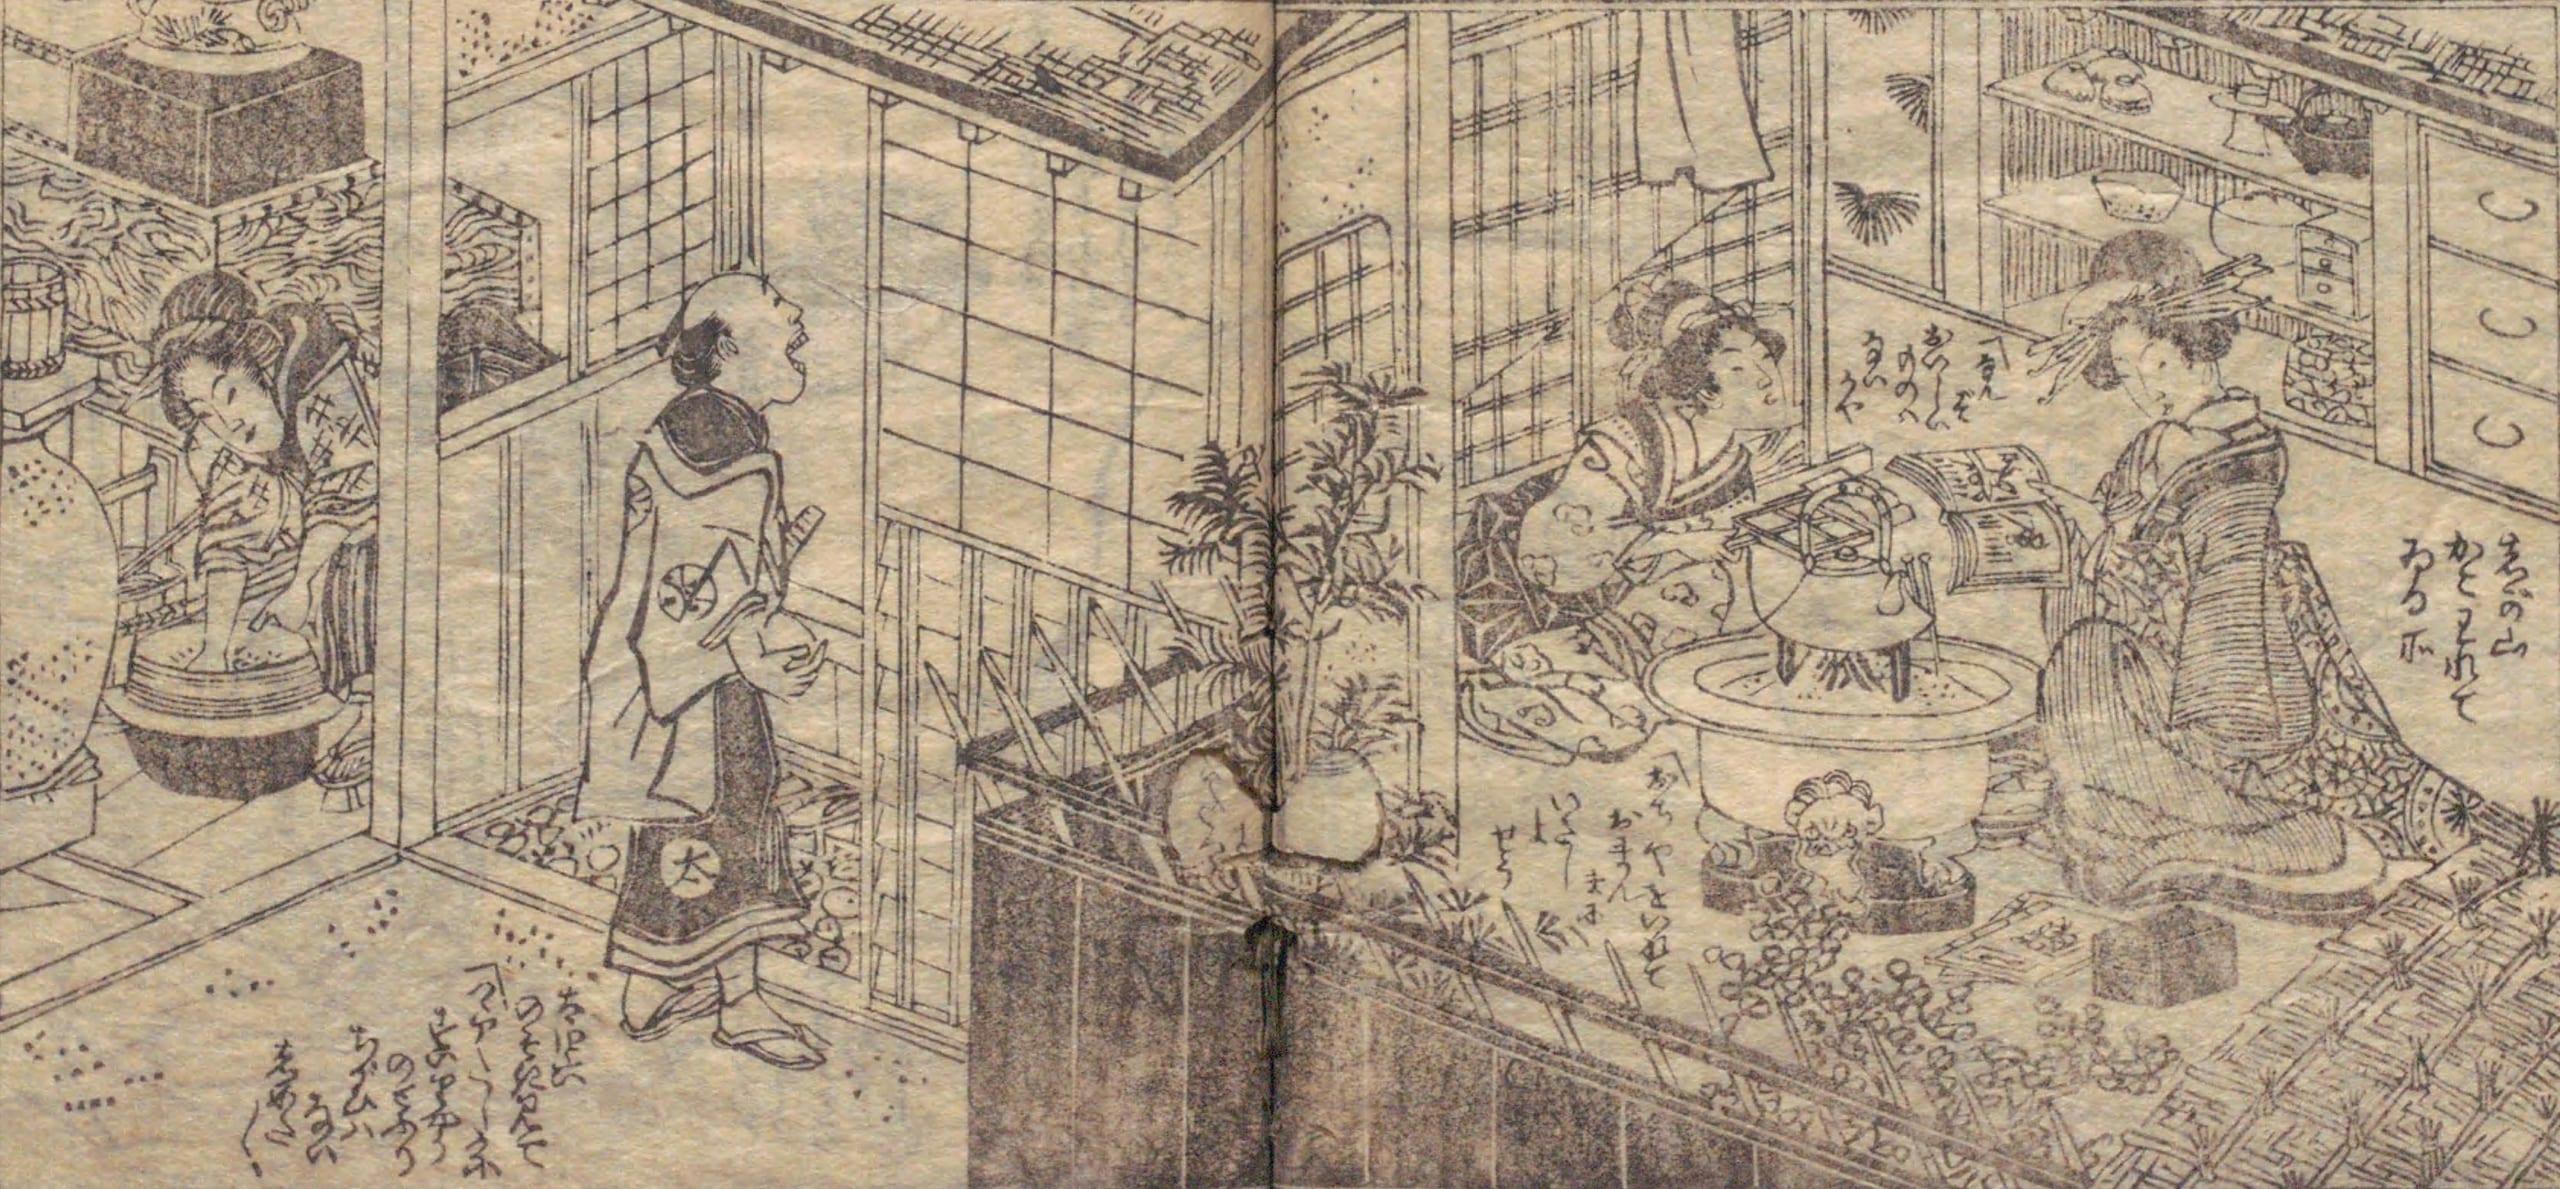 花魁 江戸 時代